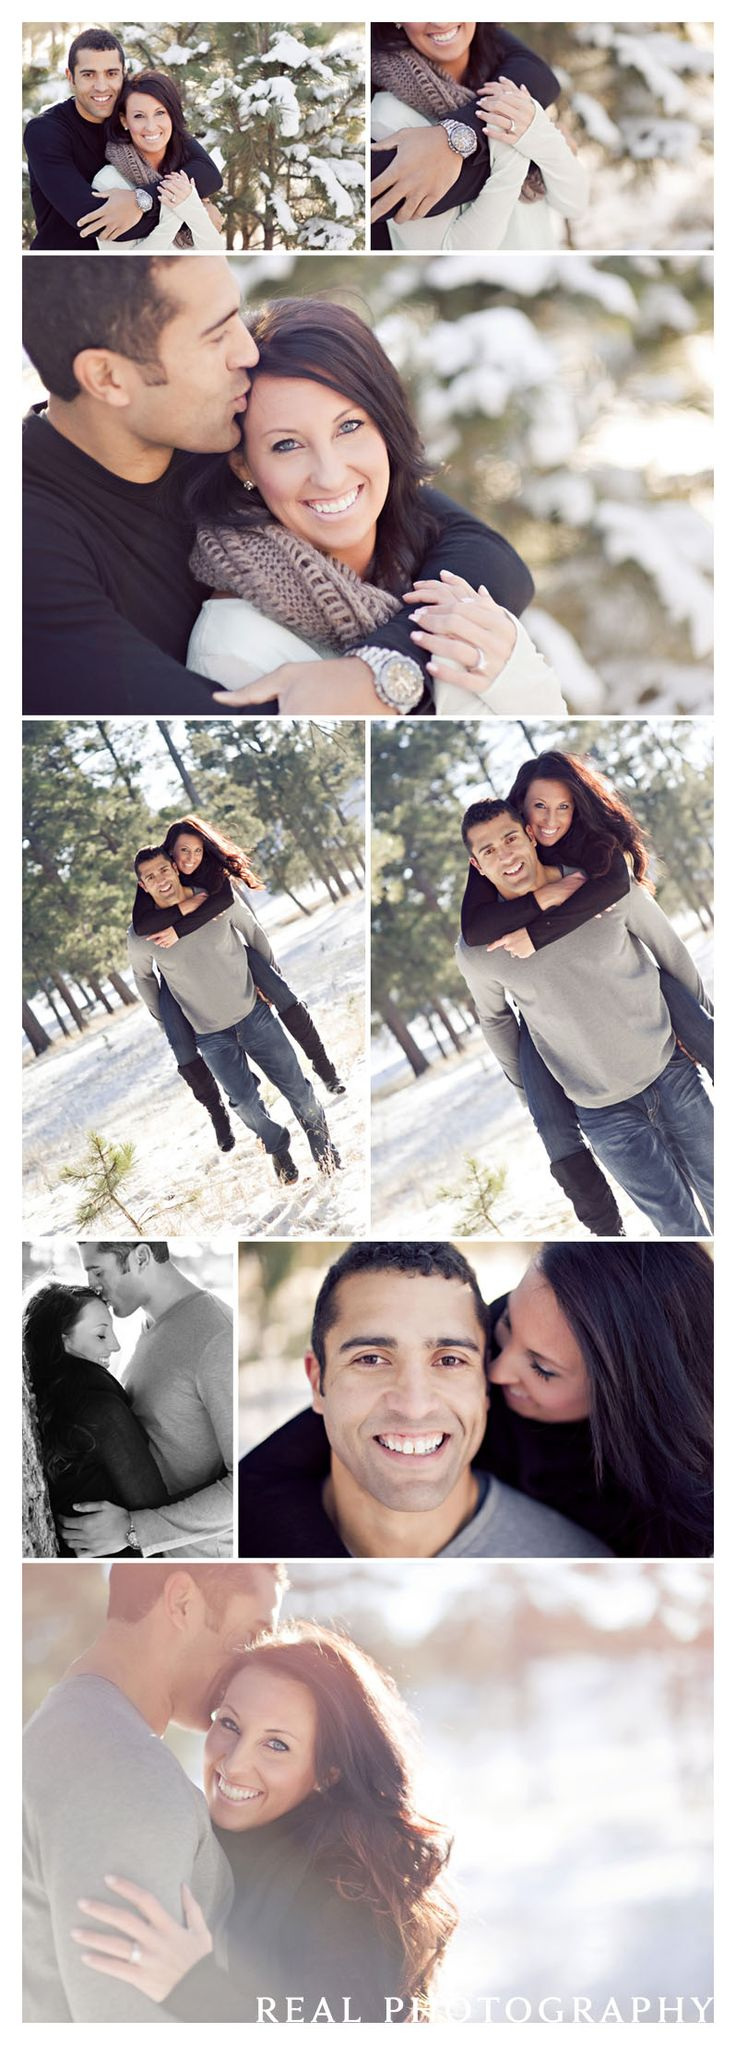 winter engagement portrait shoot snow couple photo ideas